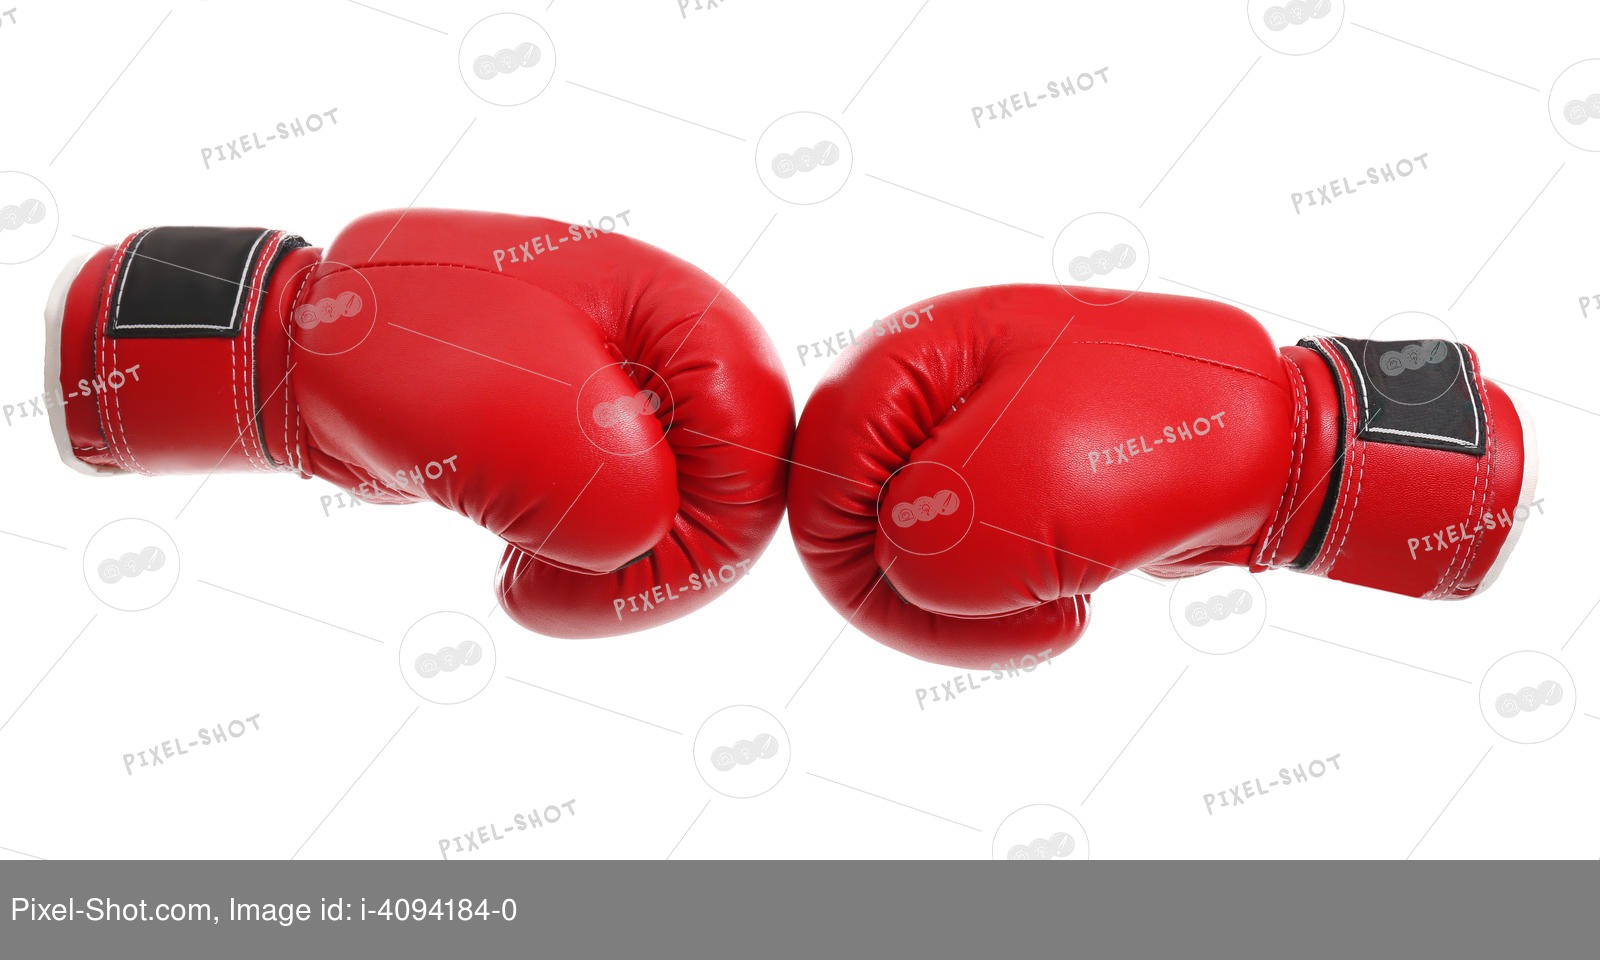 Топ-10 лучших боксерских перчаток, как выбрать перчатки для бокса — цены, отзывы